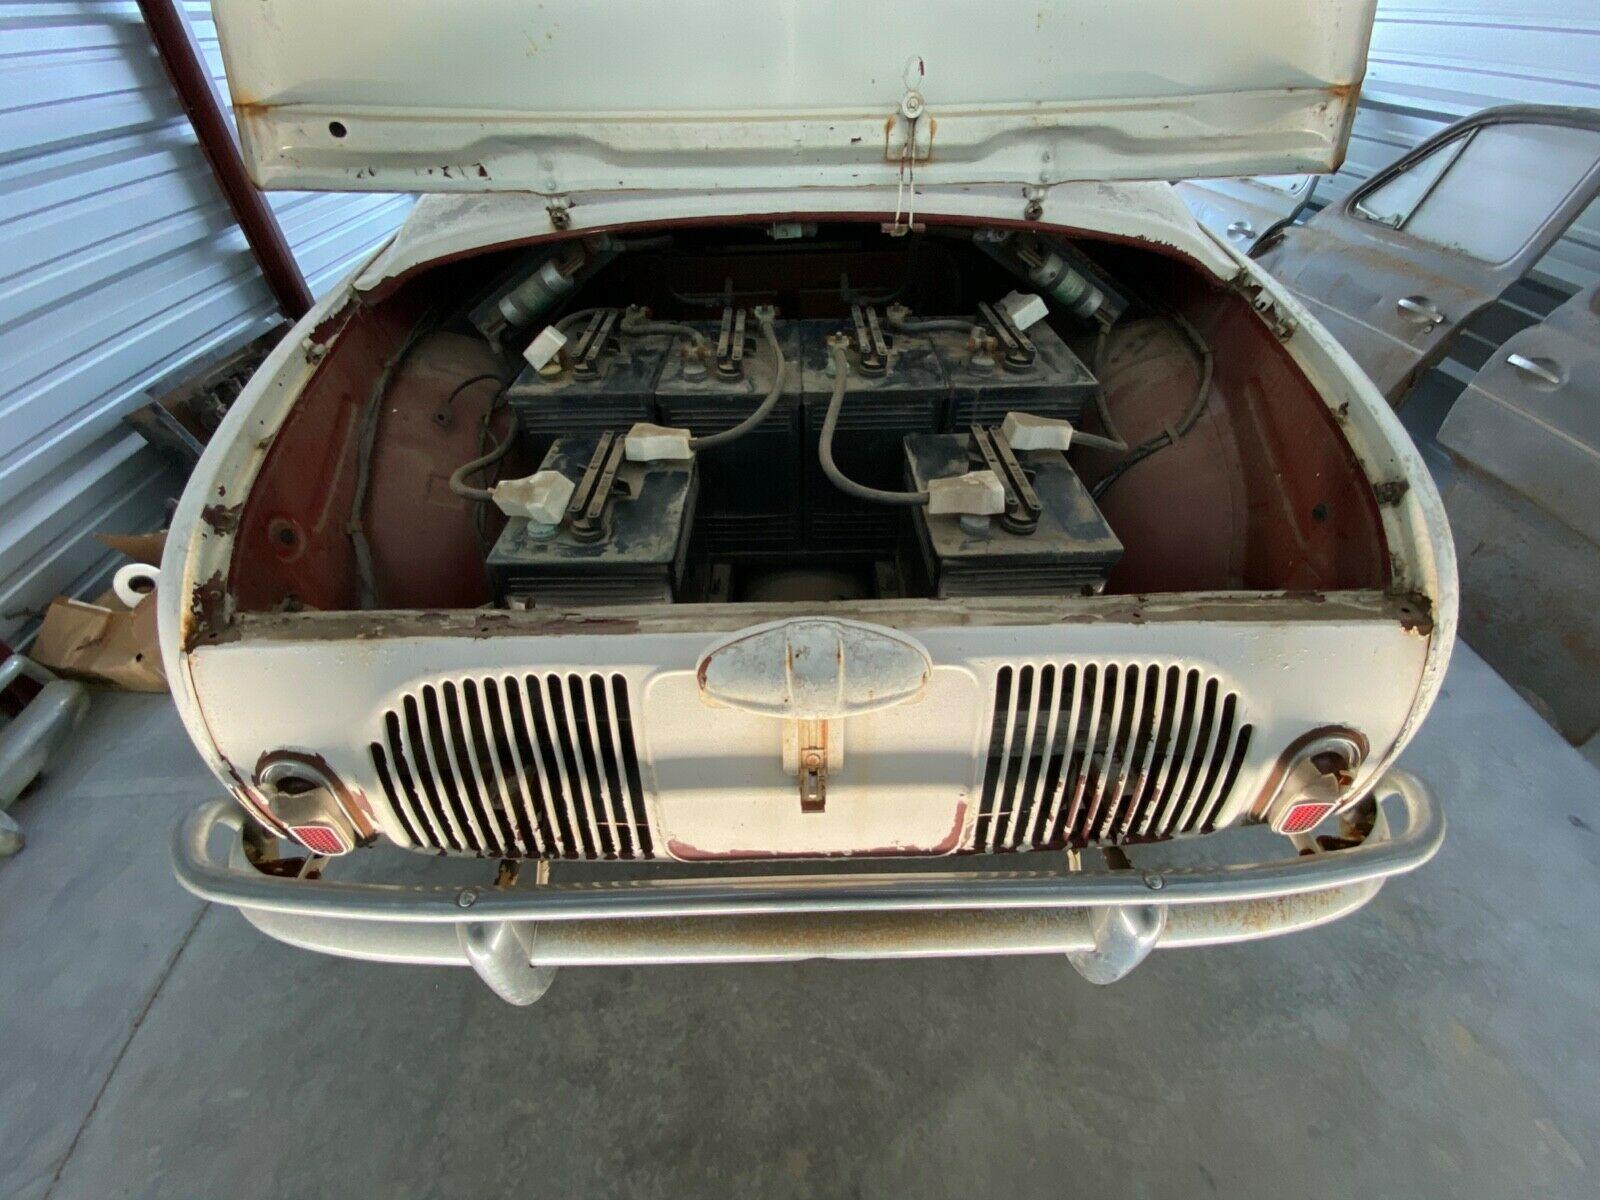 1960 Henney Kilowatt number 0001